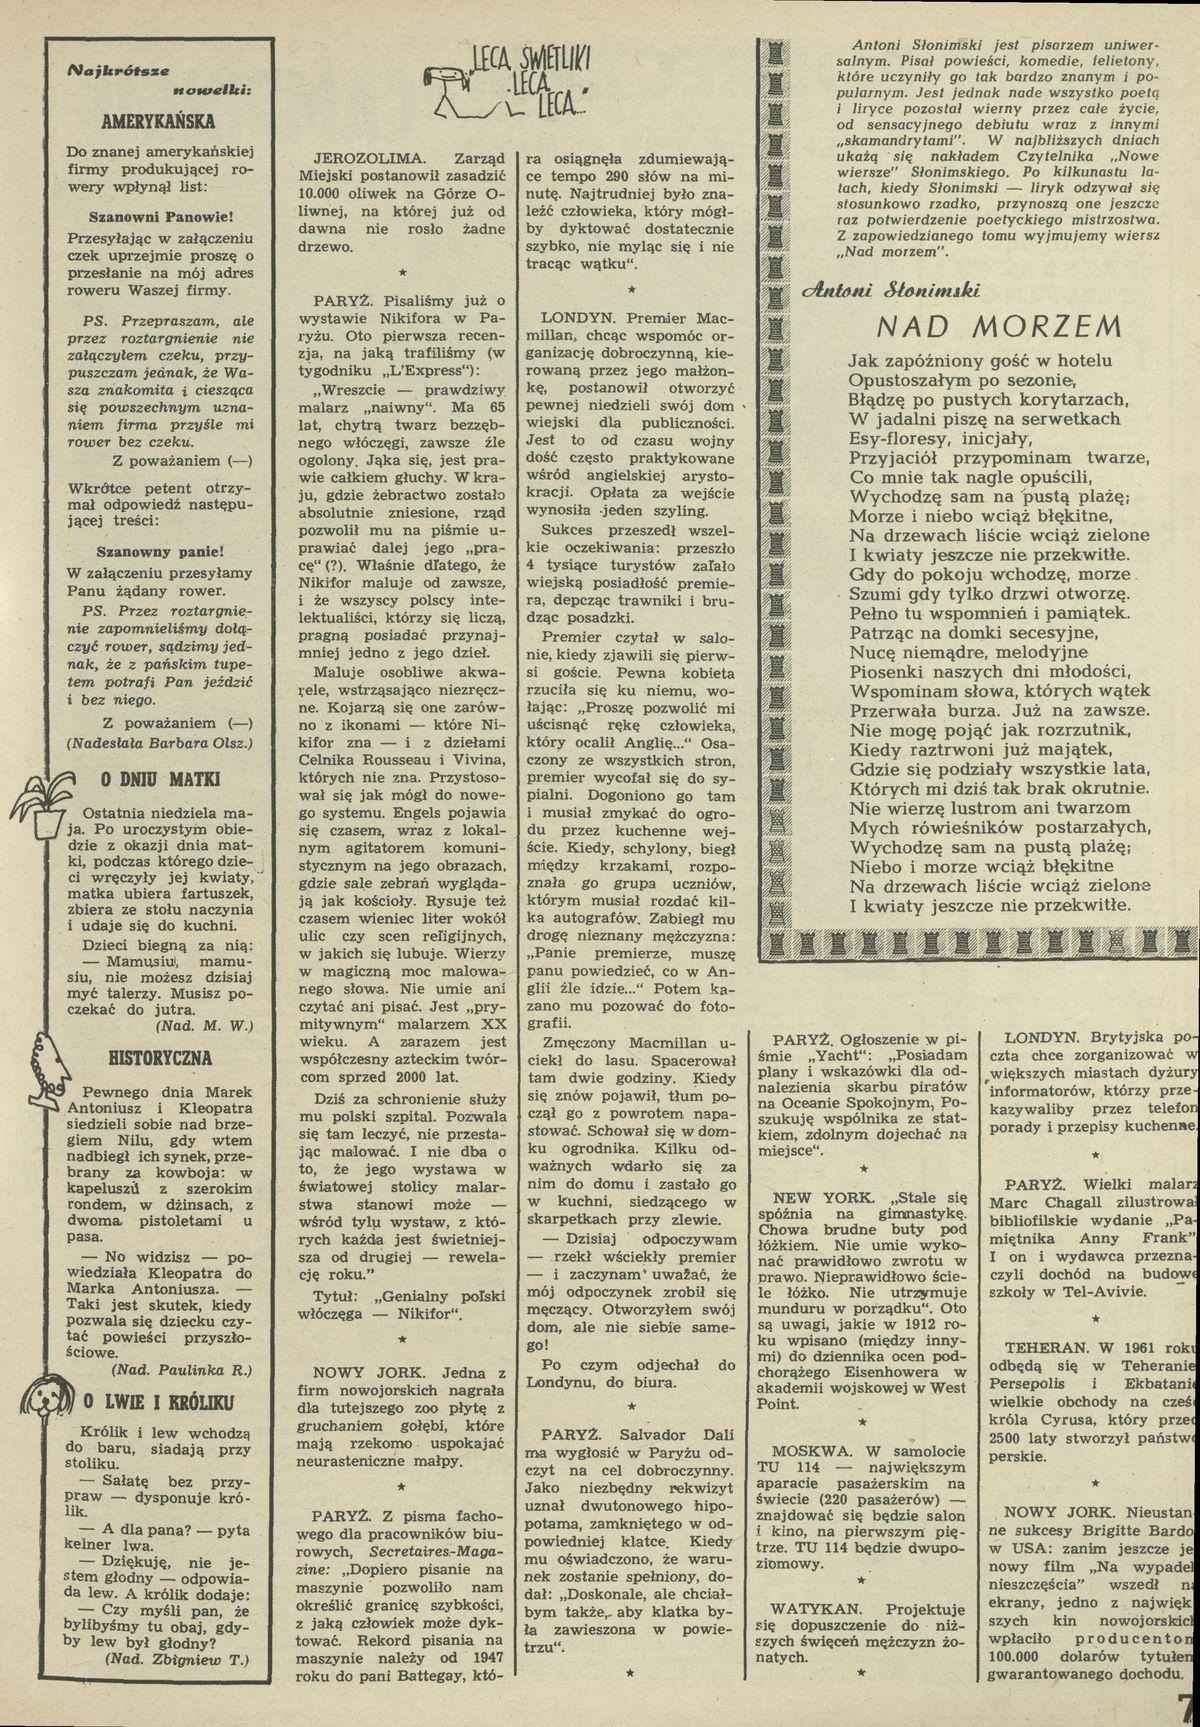 Lecą świetliki 10 May 1959 Archiwum Przekrój Magazine